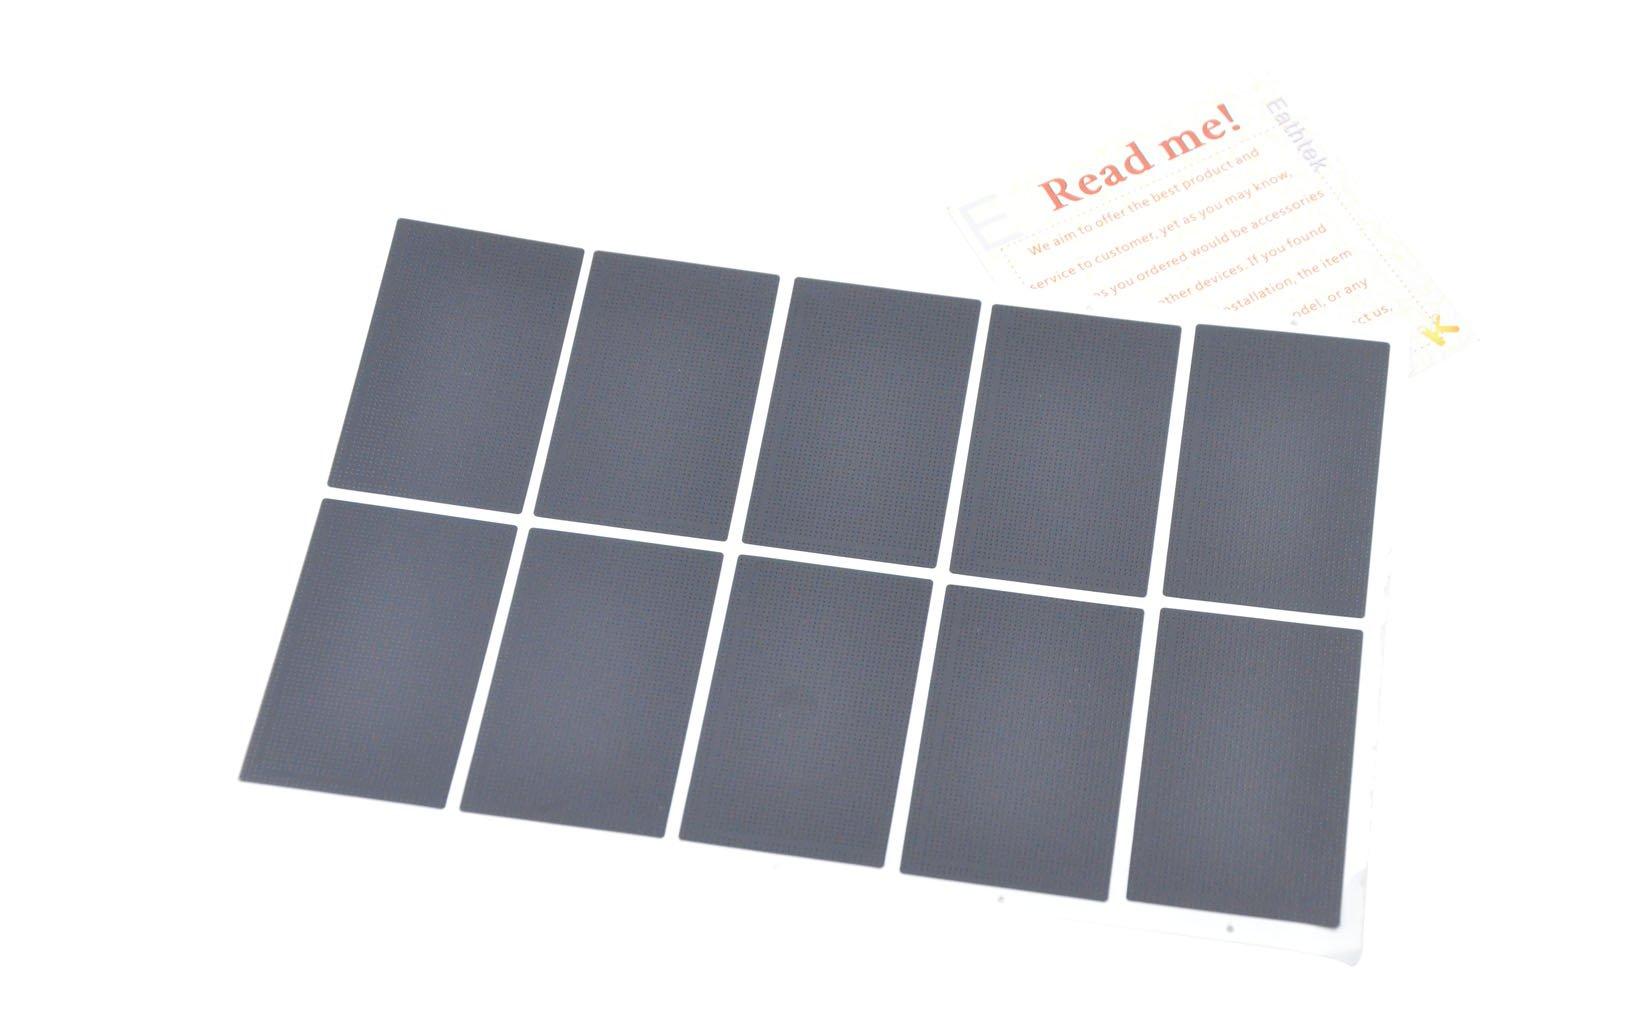 Eathtek Replacement Touchpad Sticker 10pcs/set for Lenovo IBM Thinkpad T410 T410I T410S T400S T420 T420I T420S T430 T430S T430I T510 T510I T520 W510 W520 L520 L510 L420 L412 L520 SL410K series by Eathtek